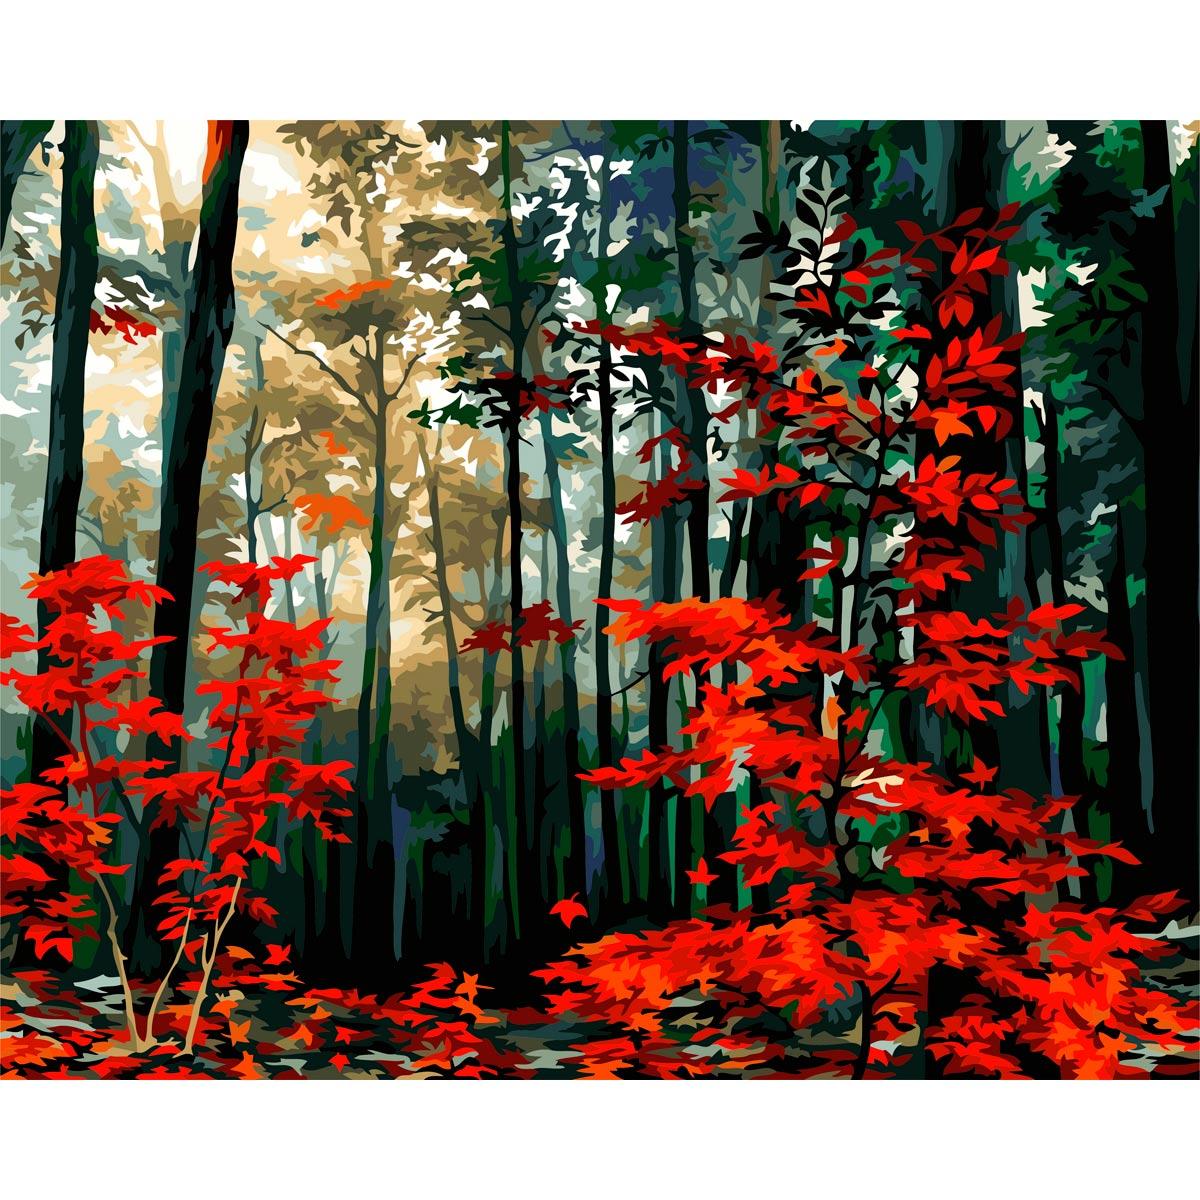 A140 Набор для рисования по номерам 'Утро в осеннем лесу' 40*50см